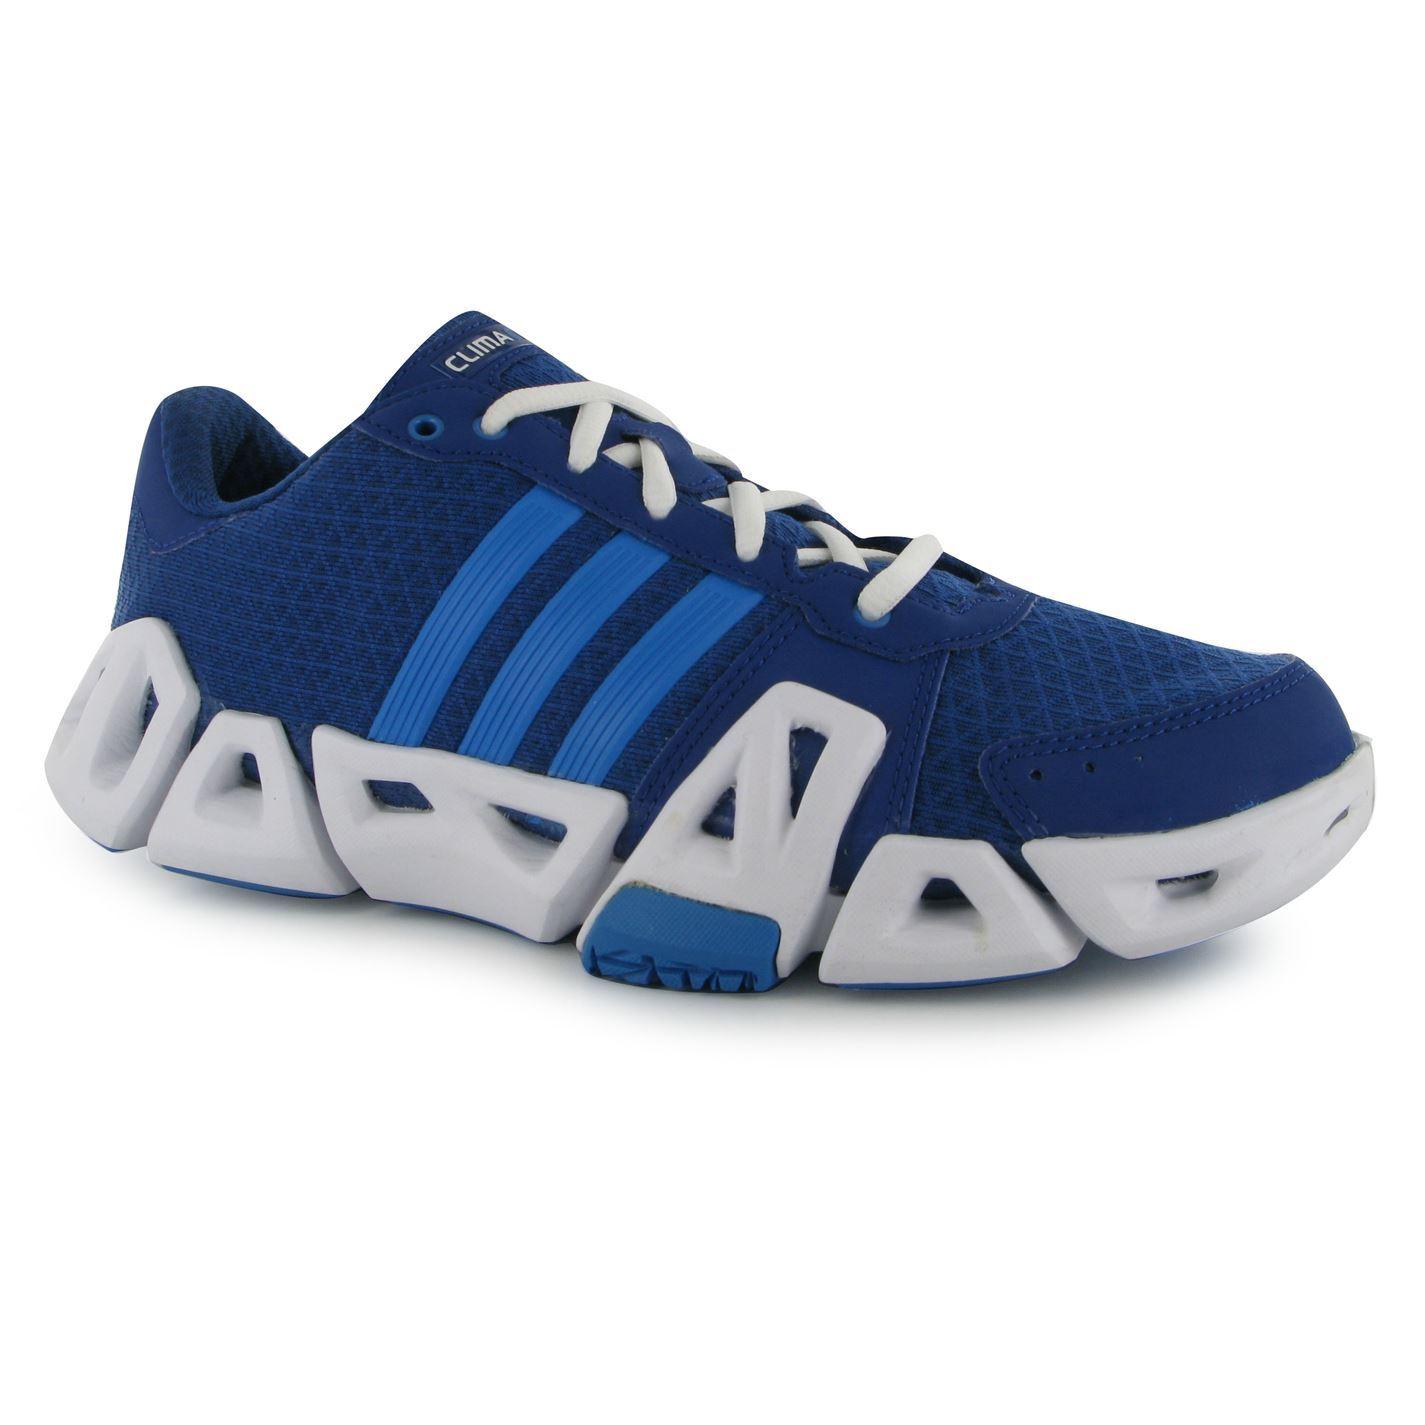 Adidas Climafrais Ride Vi - Itm Adidas Hommes Climafrais Trainers Lace Up Sports Chaussures Pompes Footwear  351509076292 Meilleur Prix